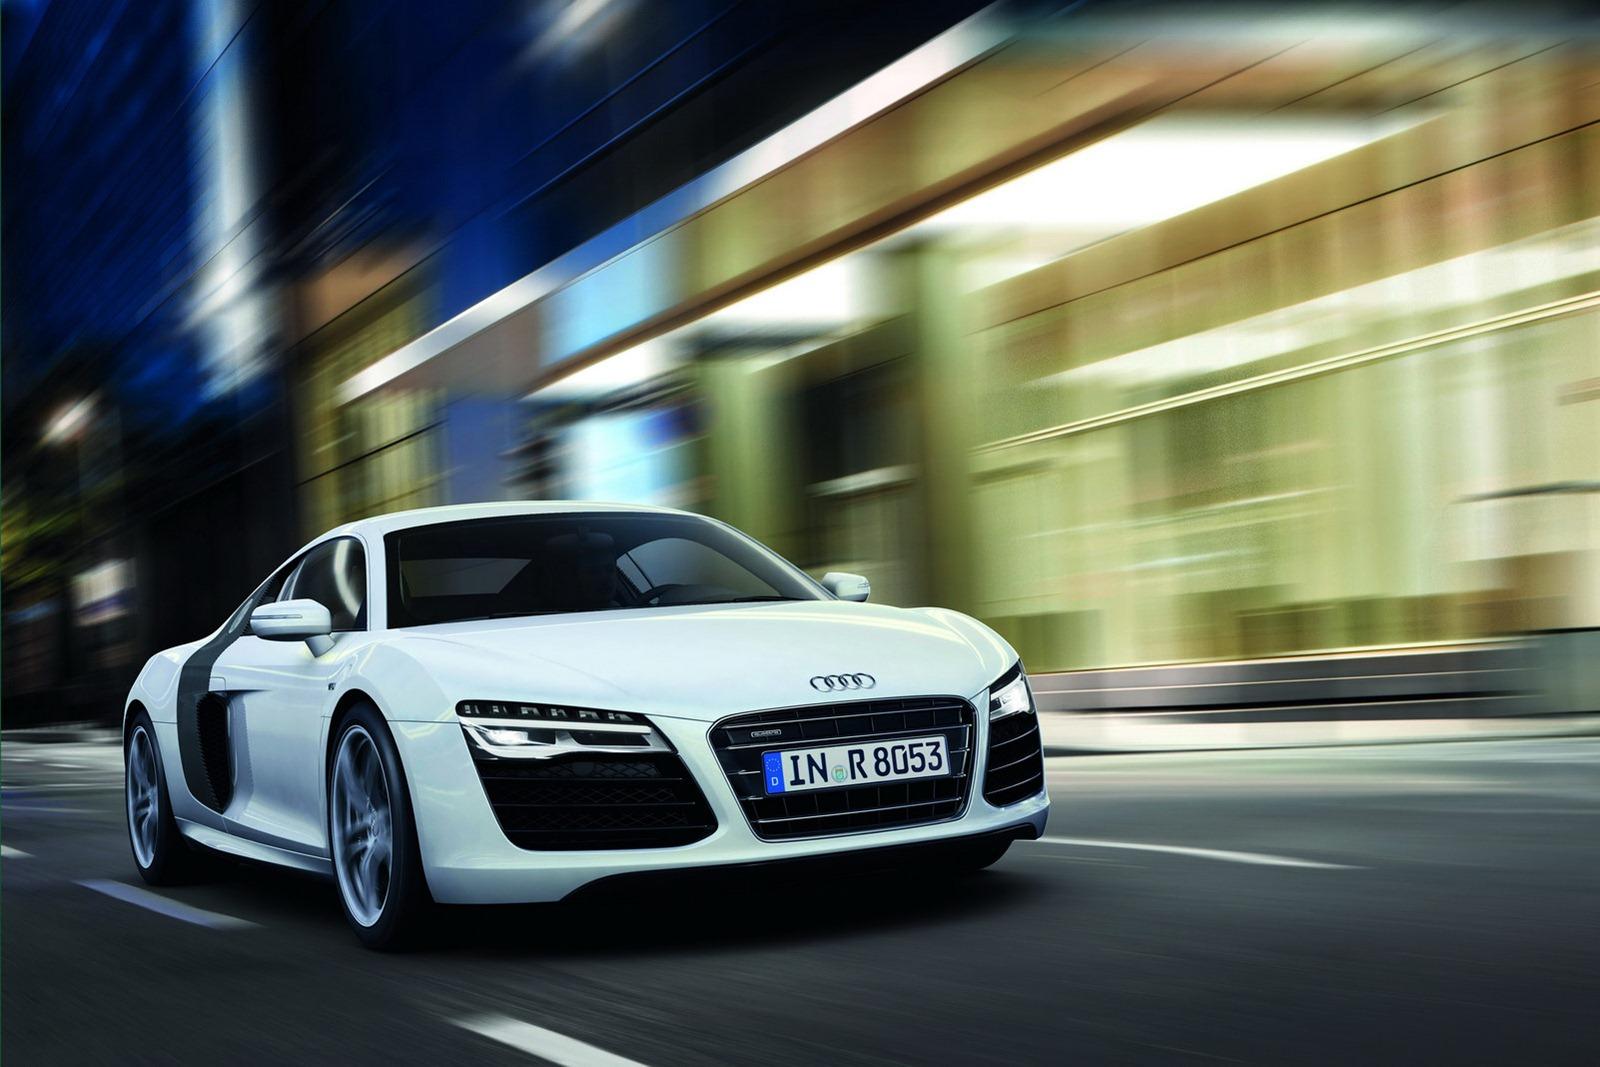 AUDI V8 white